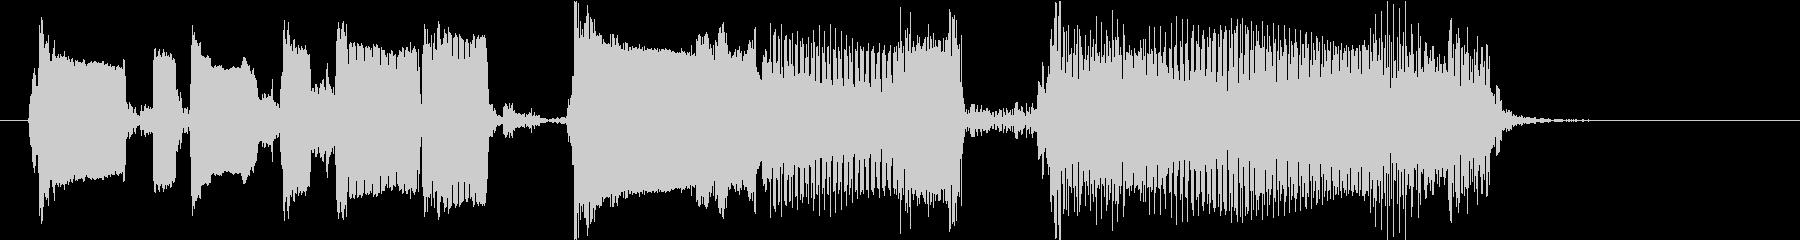 コミカルなギタージングルの未再生の波形